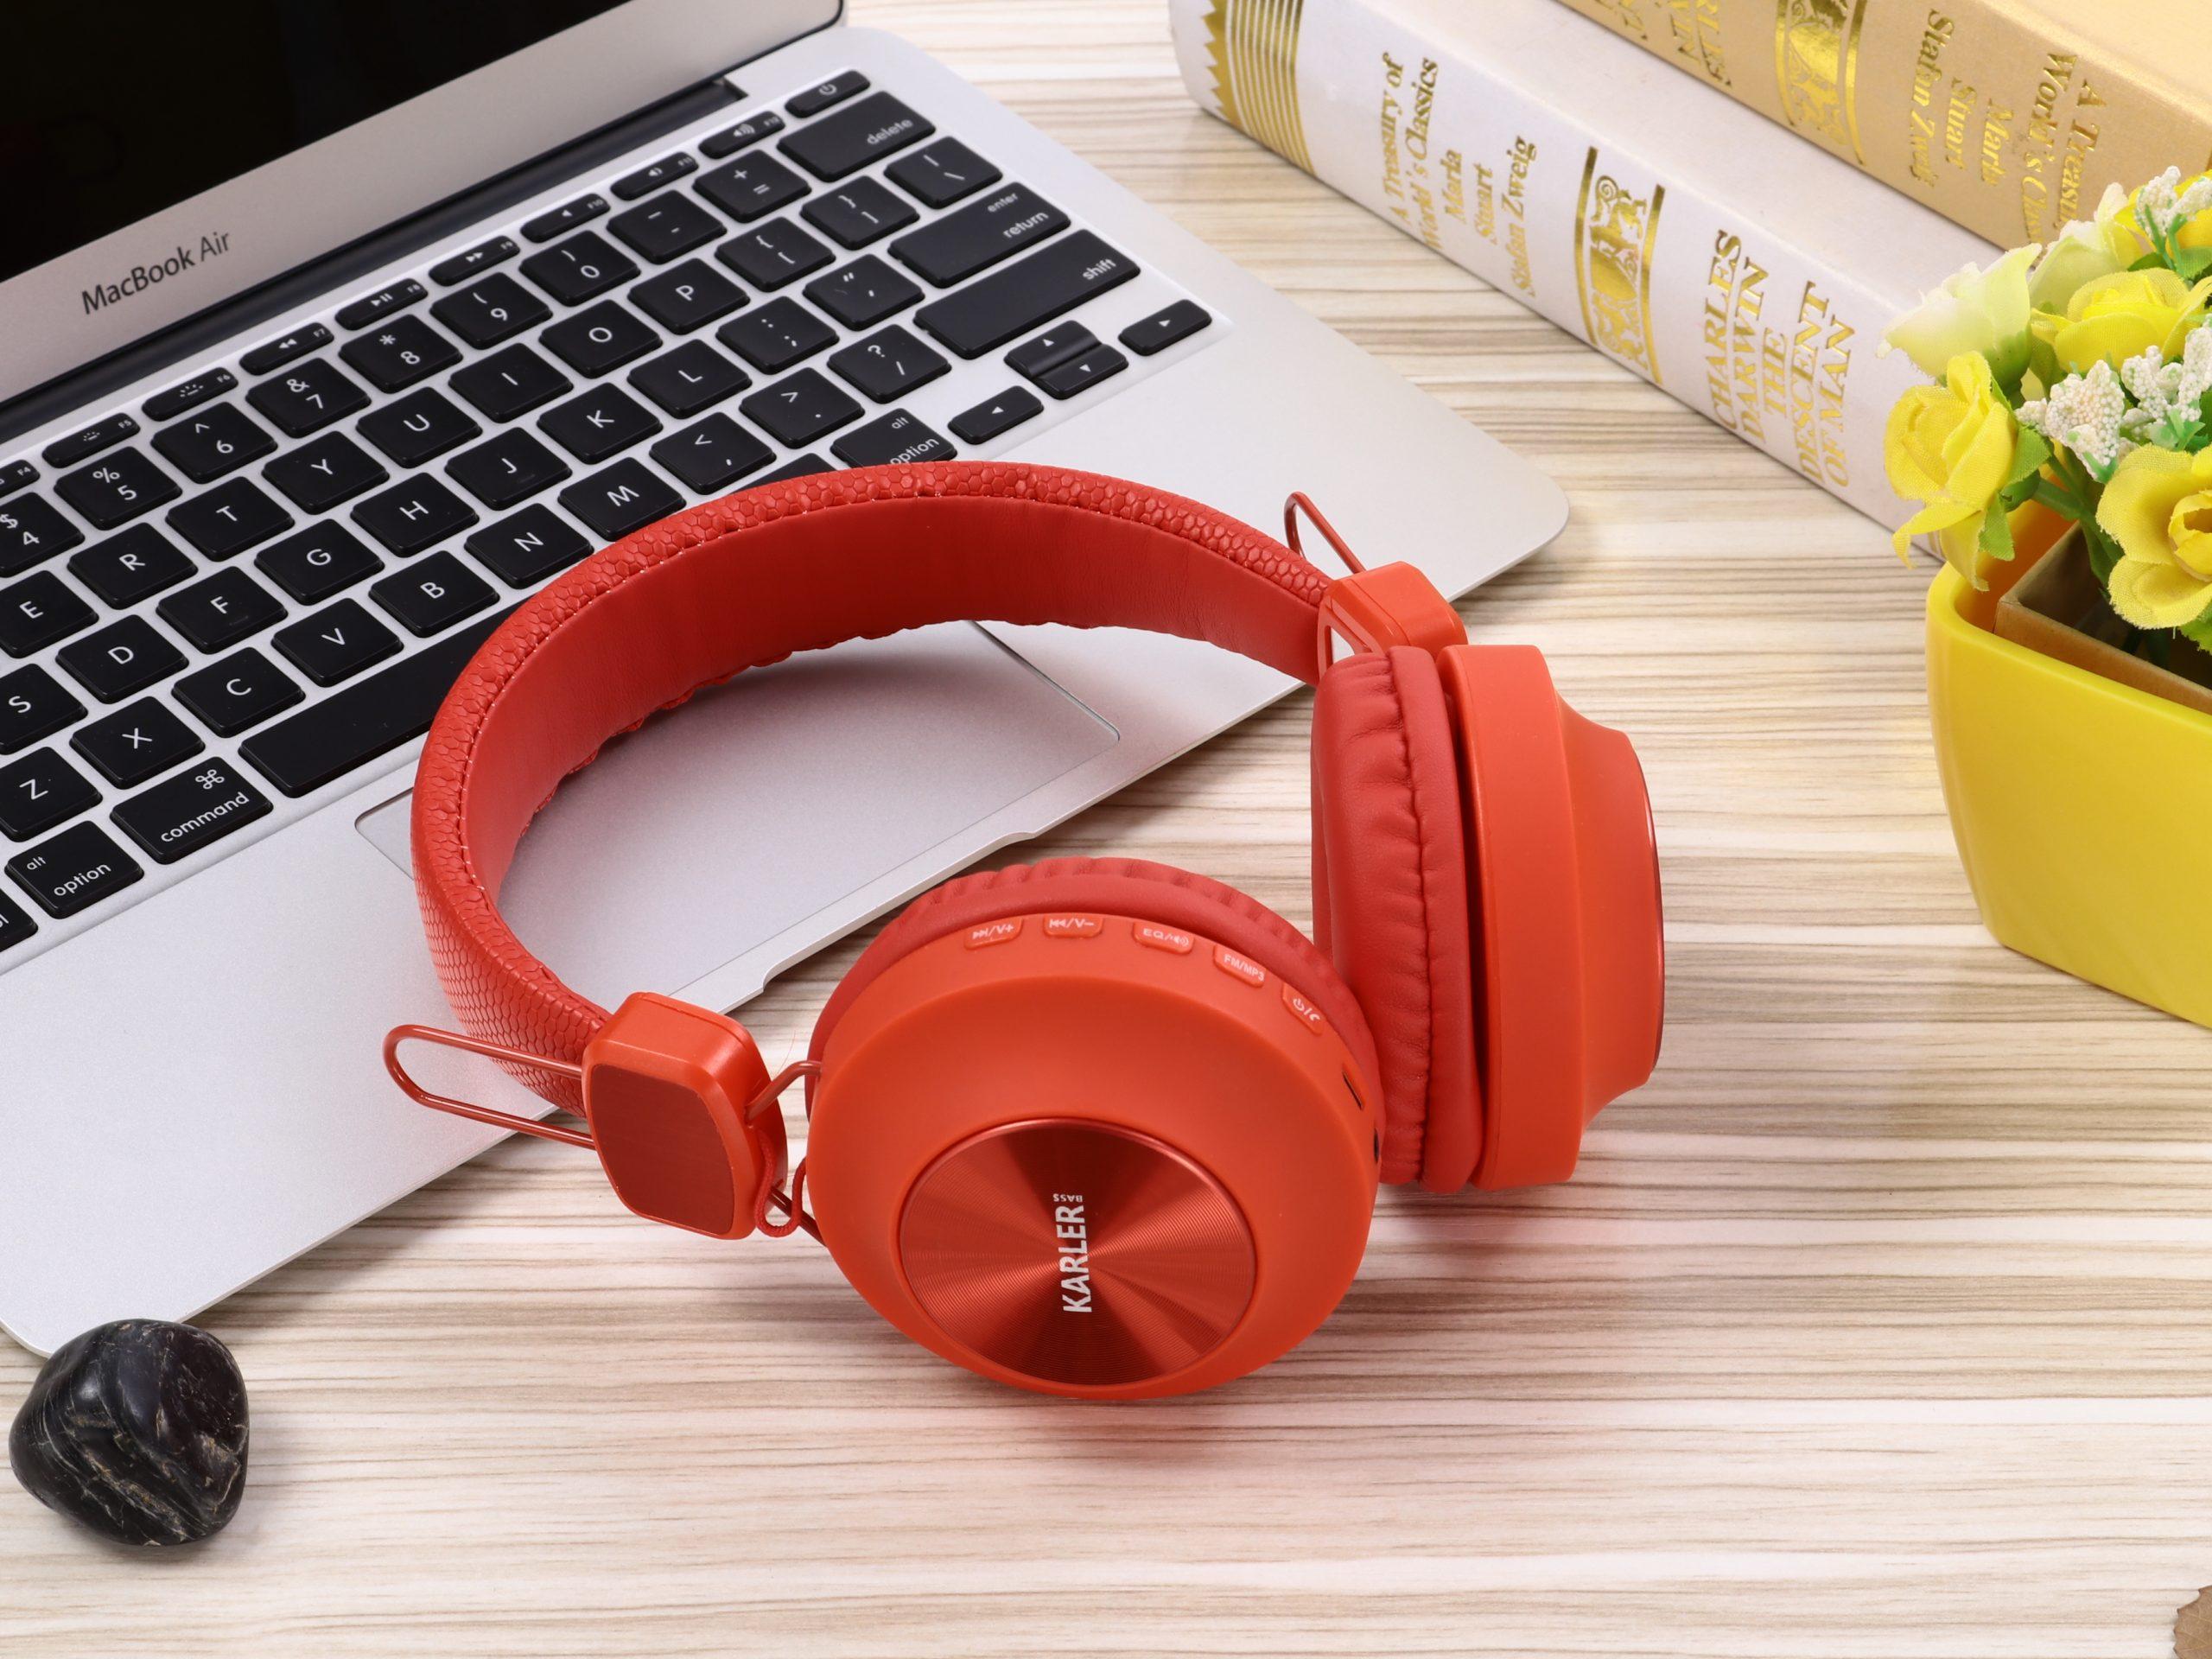 karler bass 008 ασυρματα headphones διαφημιστικό 5